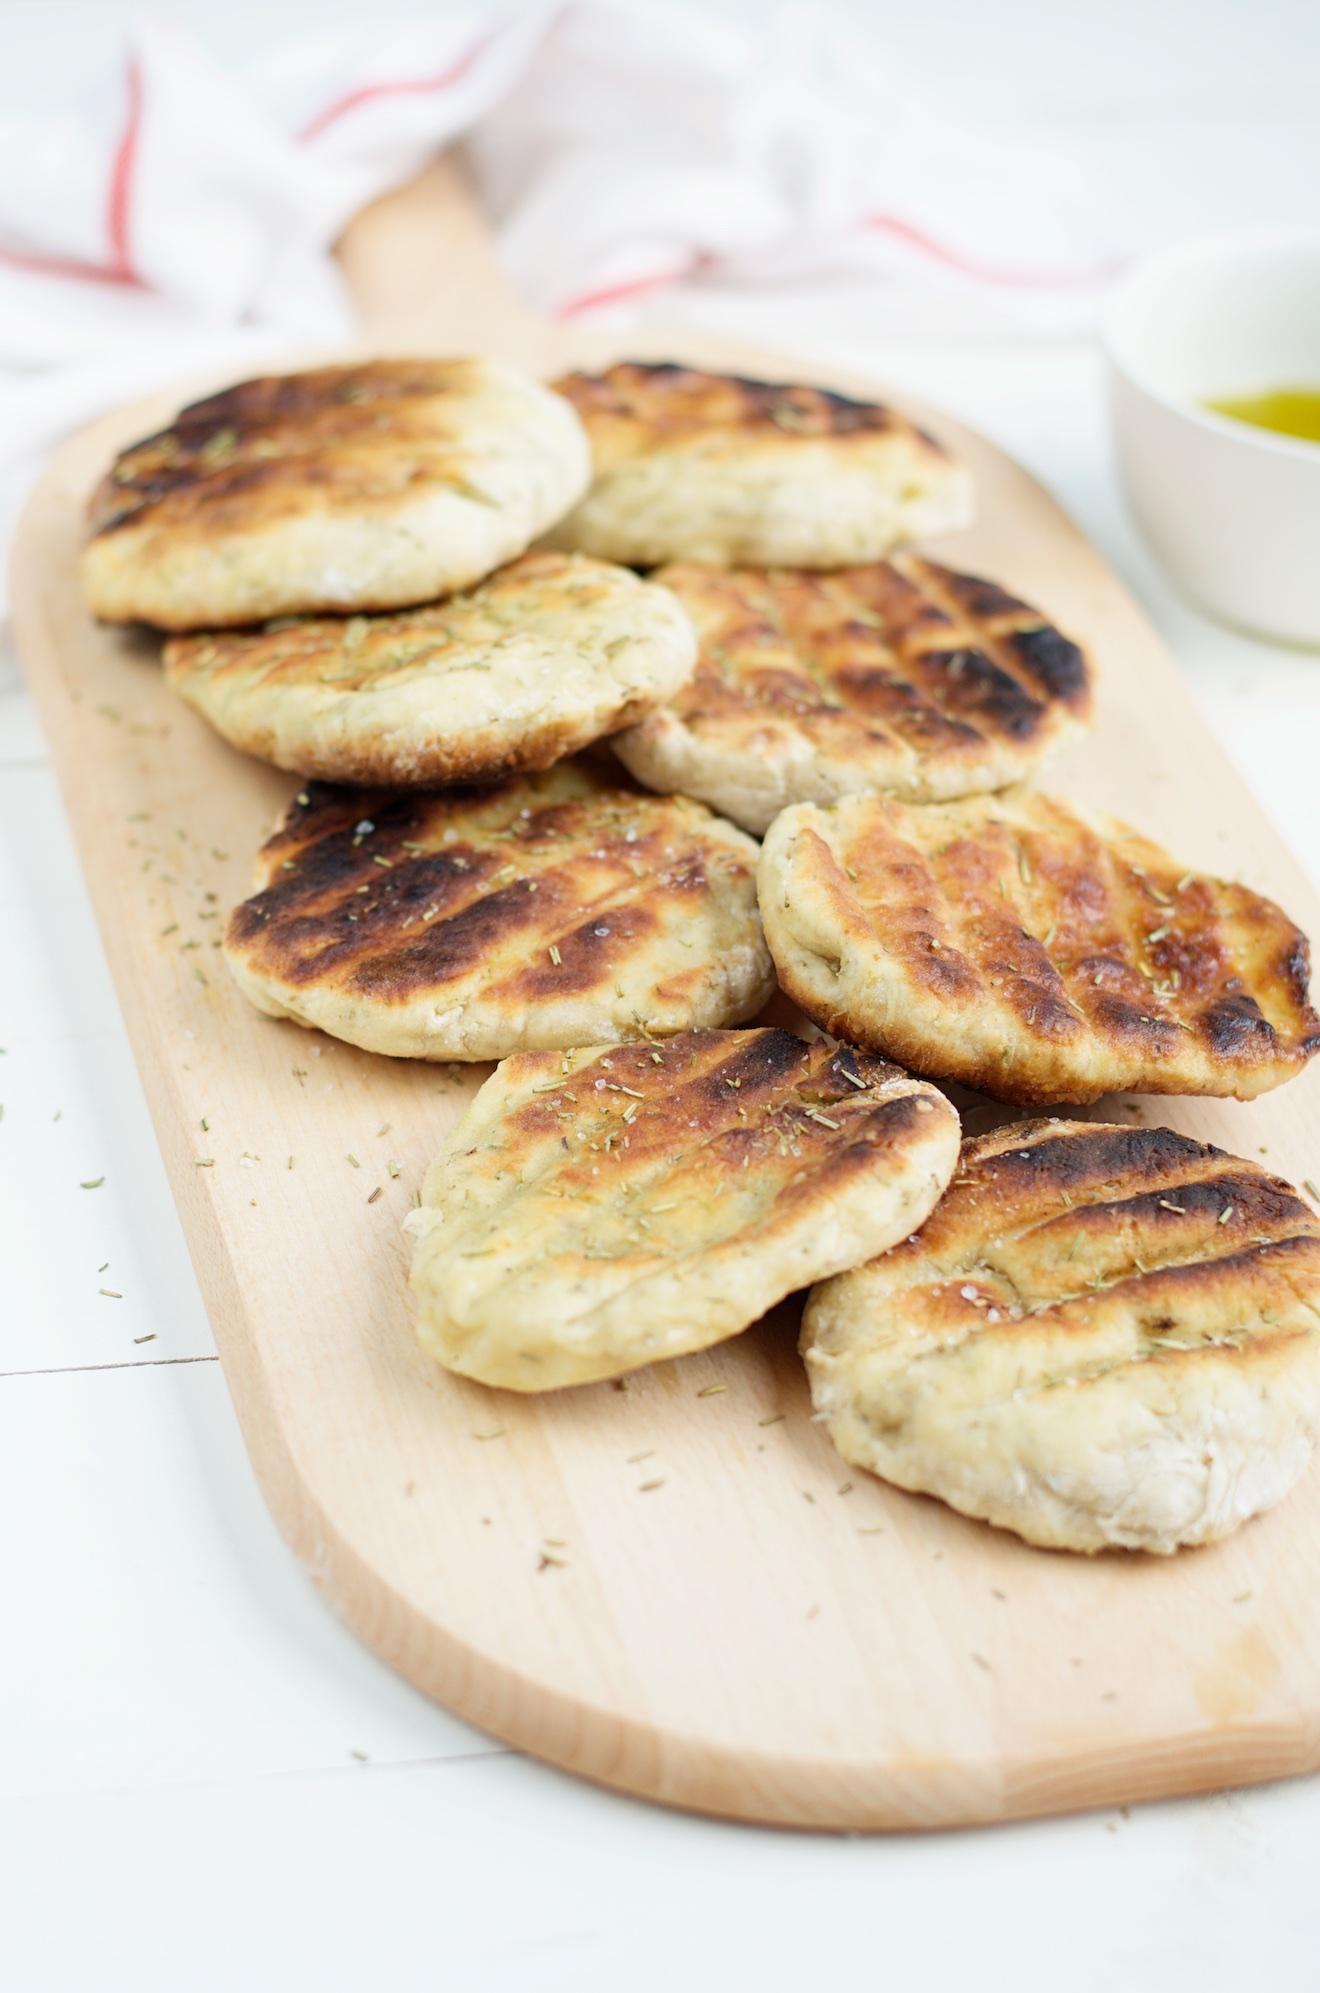 Brood gemaakt met maar twee ingrediënten. Brood gemaakt van yoghurt en zelfrijzend bakmeel